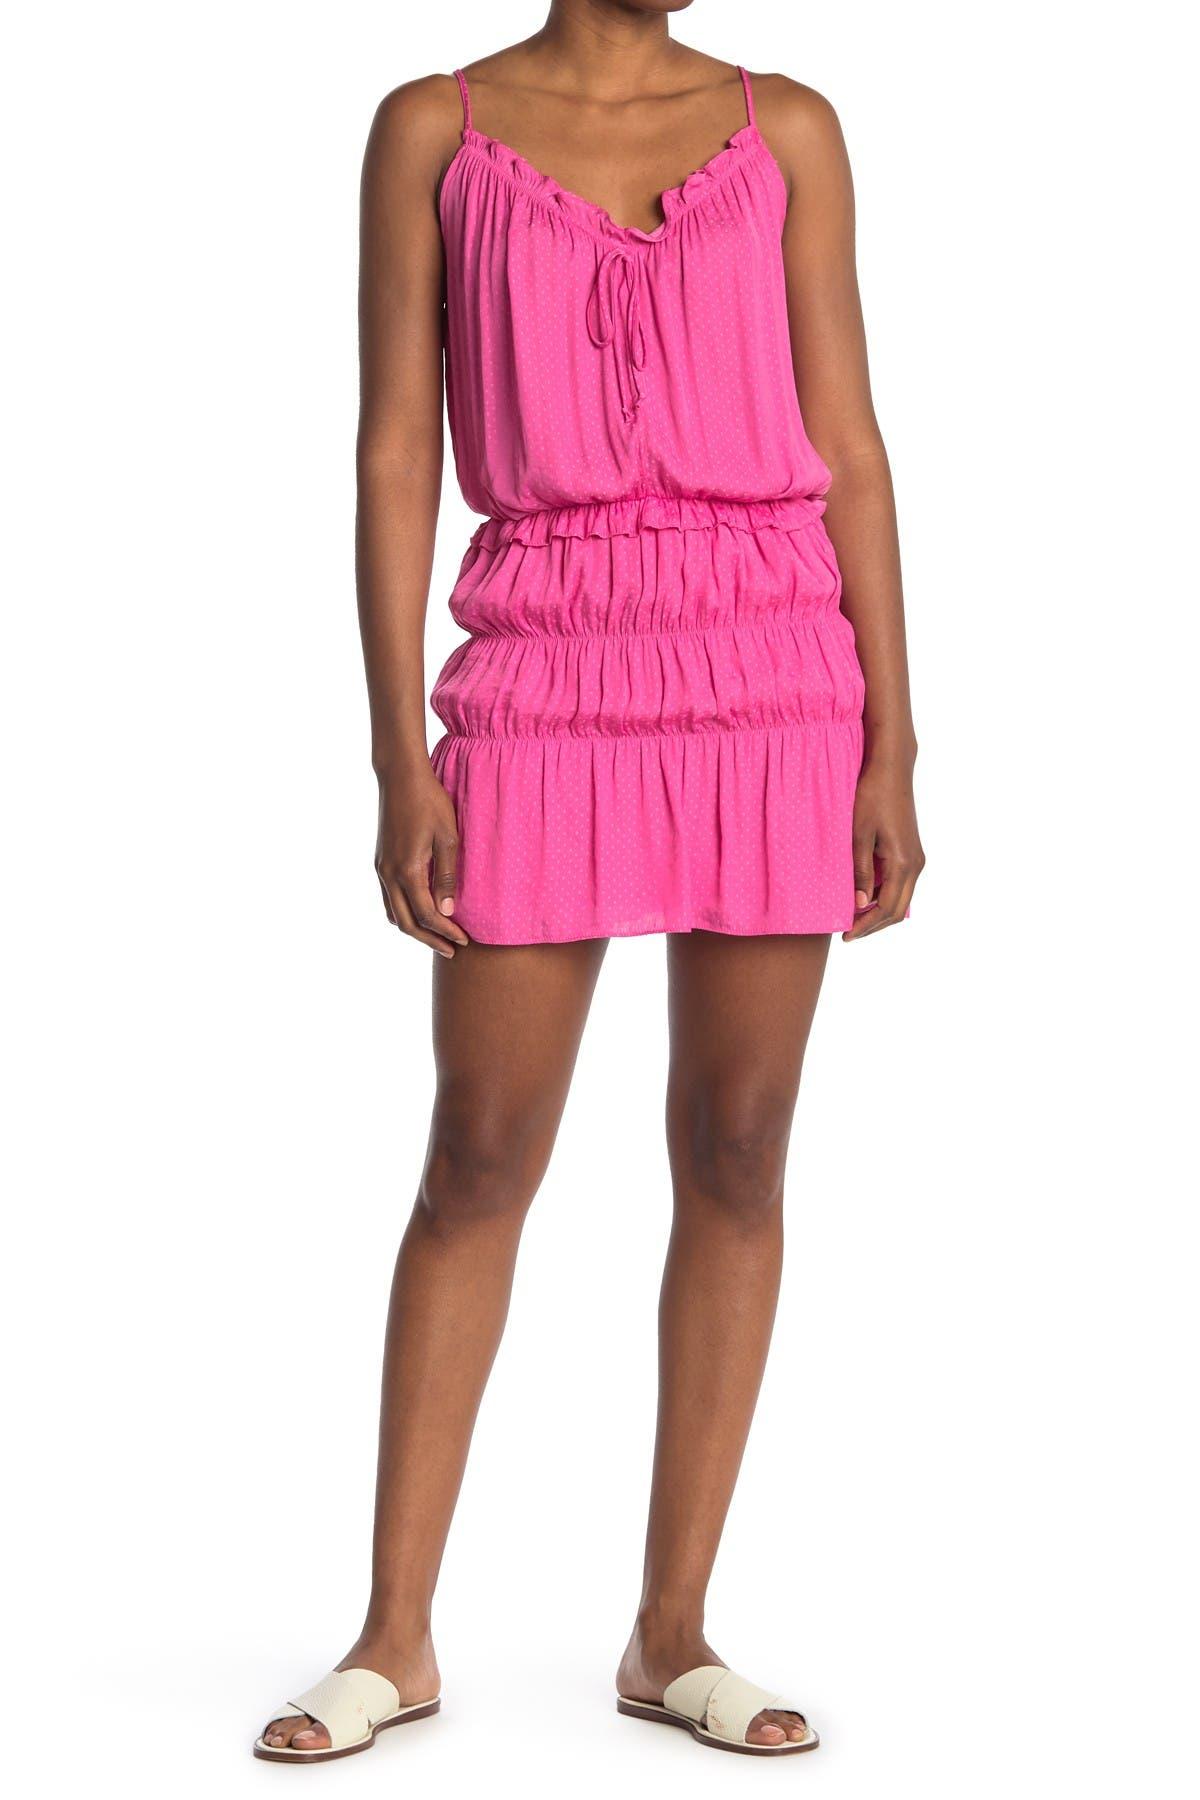 Image of NSR Zoe Dot Jacquard Dress